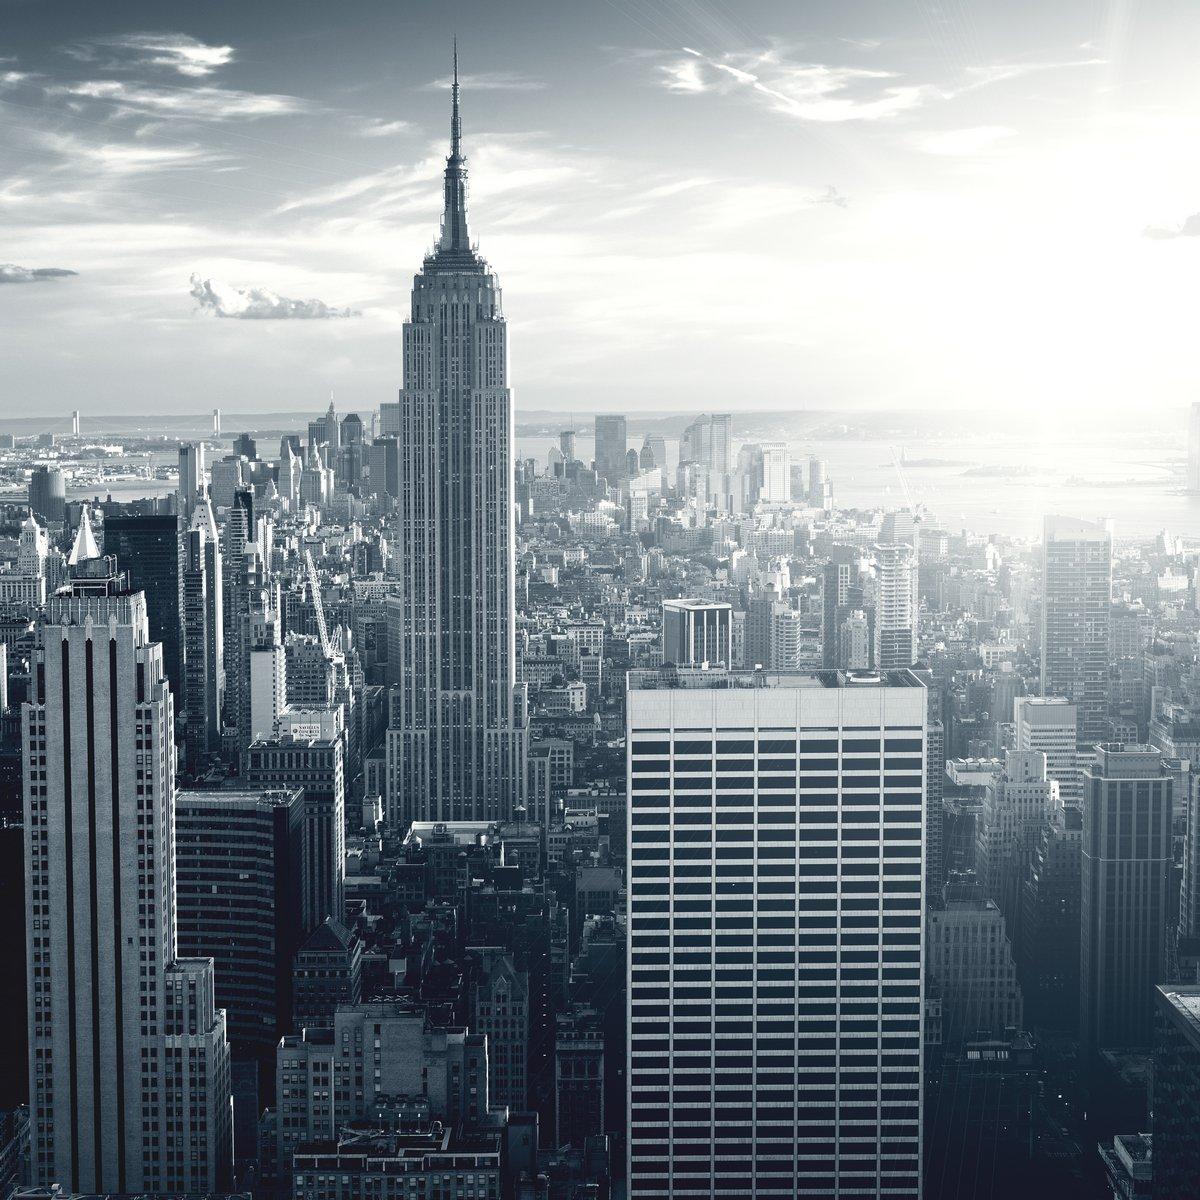 Потрясающий вид на Нью-Йорк Манхеттен на закате, 20x20 см, на бумагеНебоскребы<br>Постер на холсте или бумаге. Любого нужного вам размера. В раме или без. Подвес в комплекте. Трехслойная надежная упаковка. Доставим в любую точку России. Вам осталось только повесить картину на стену!<br>